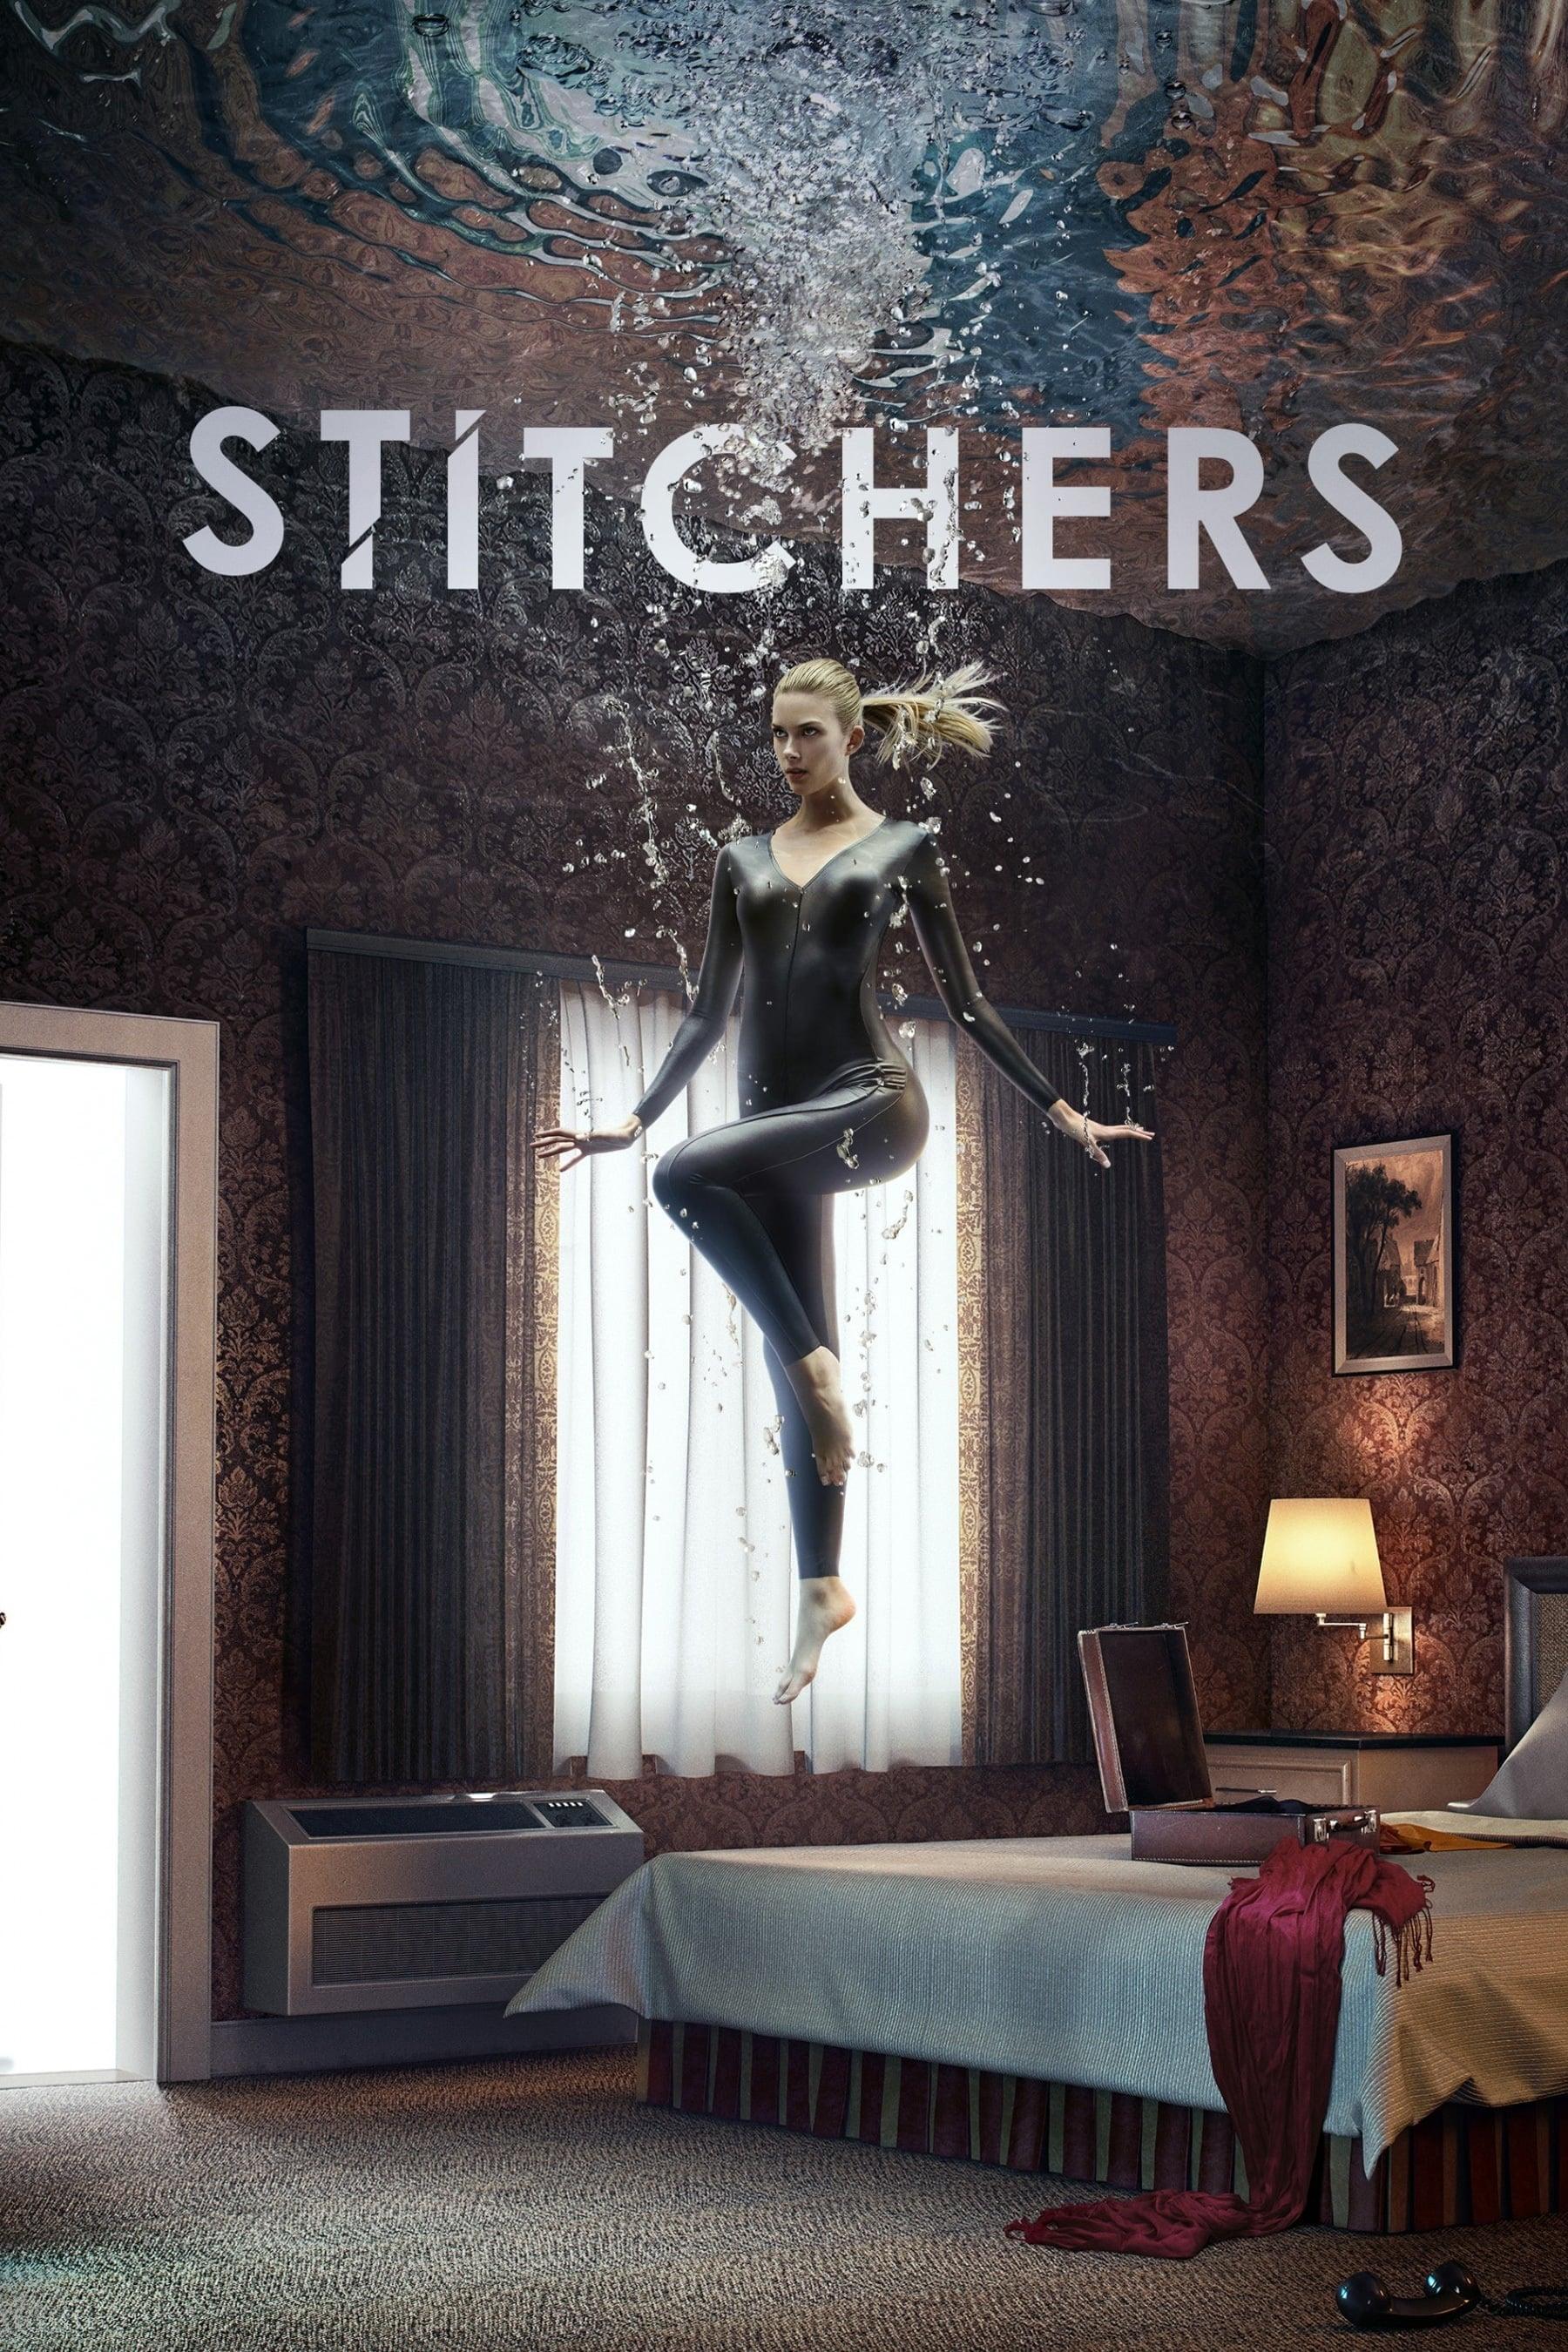 მკემსავები / Stitchers